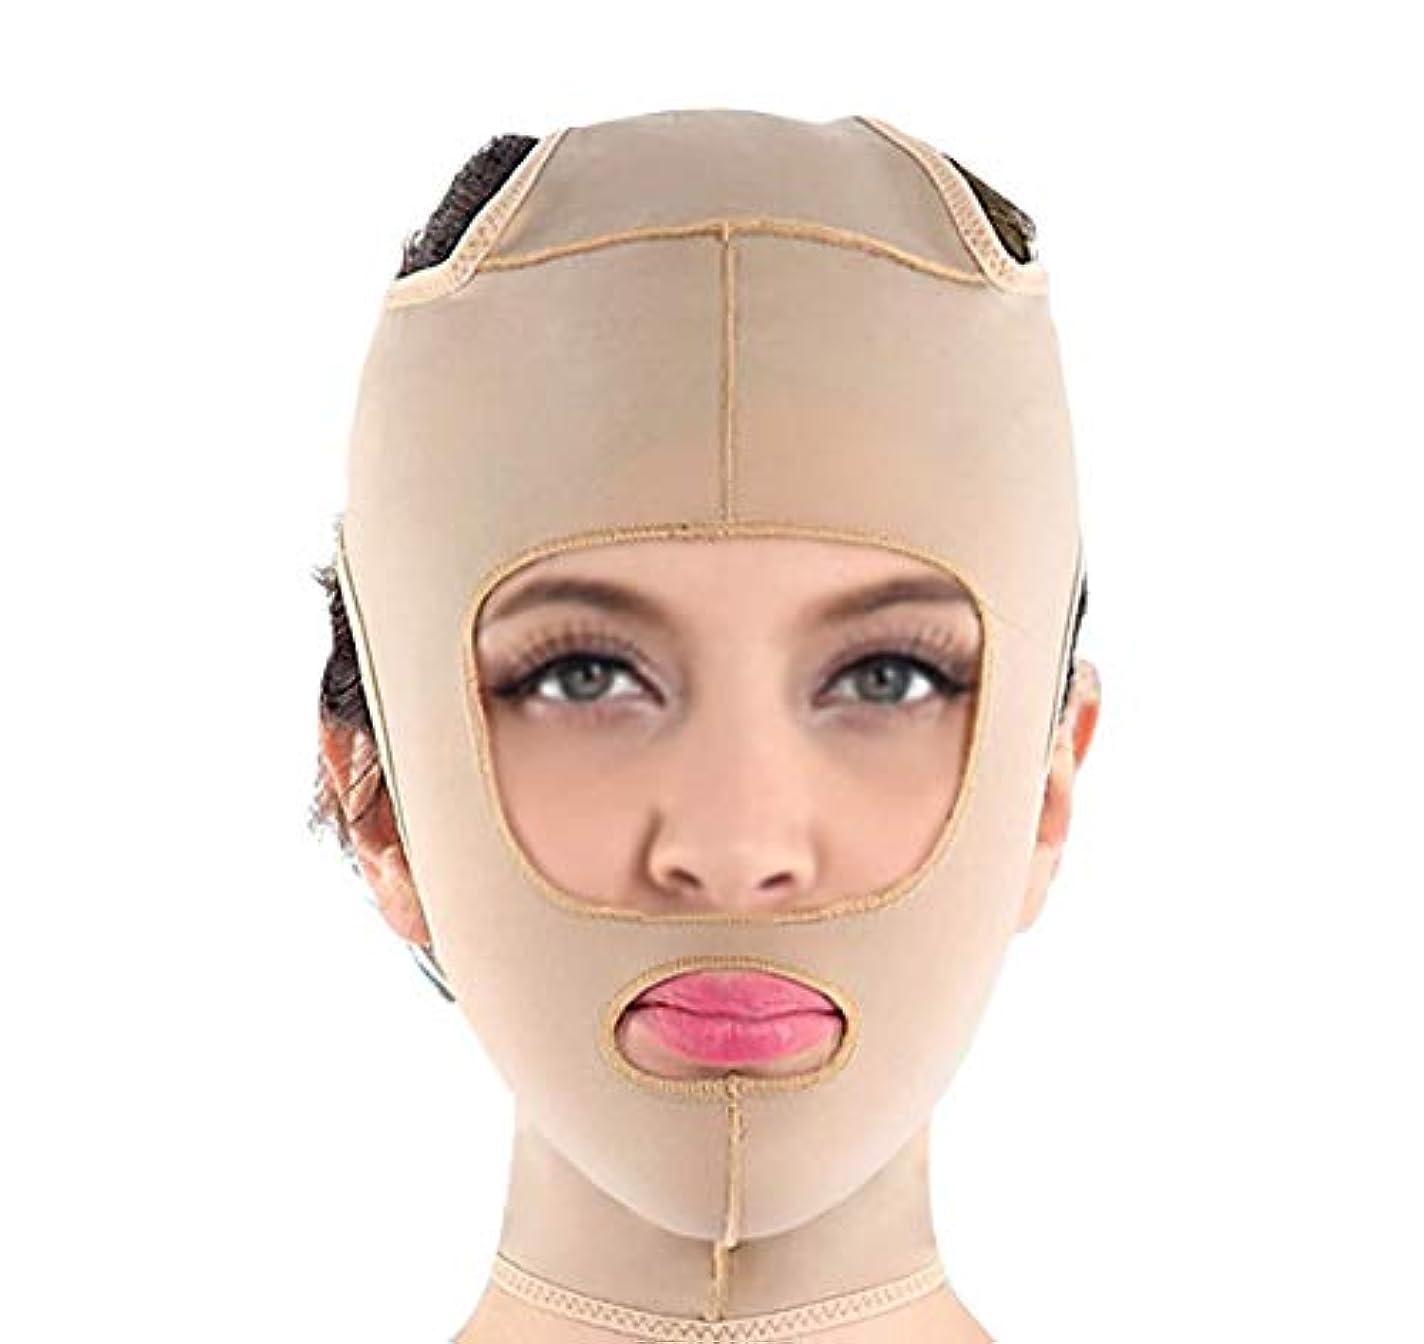 署名パレード傷跡フェイスリフティングマスクで肌をよりしっかりと保ち、V字型の顔を形作り、超薄型の通気性、調節可能で快適な着用感(サイズ:Xl),S